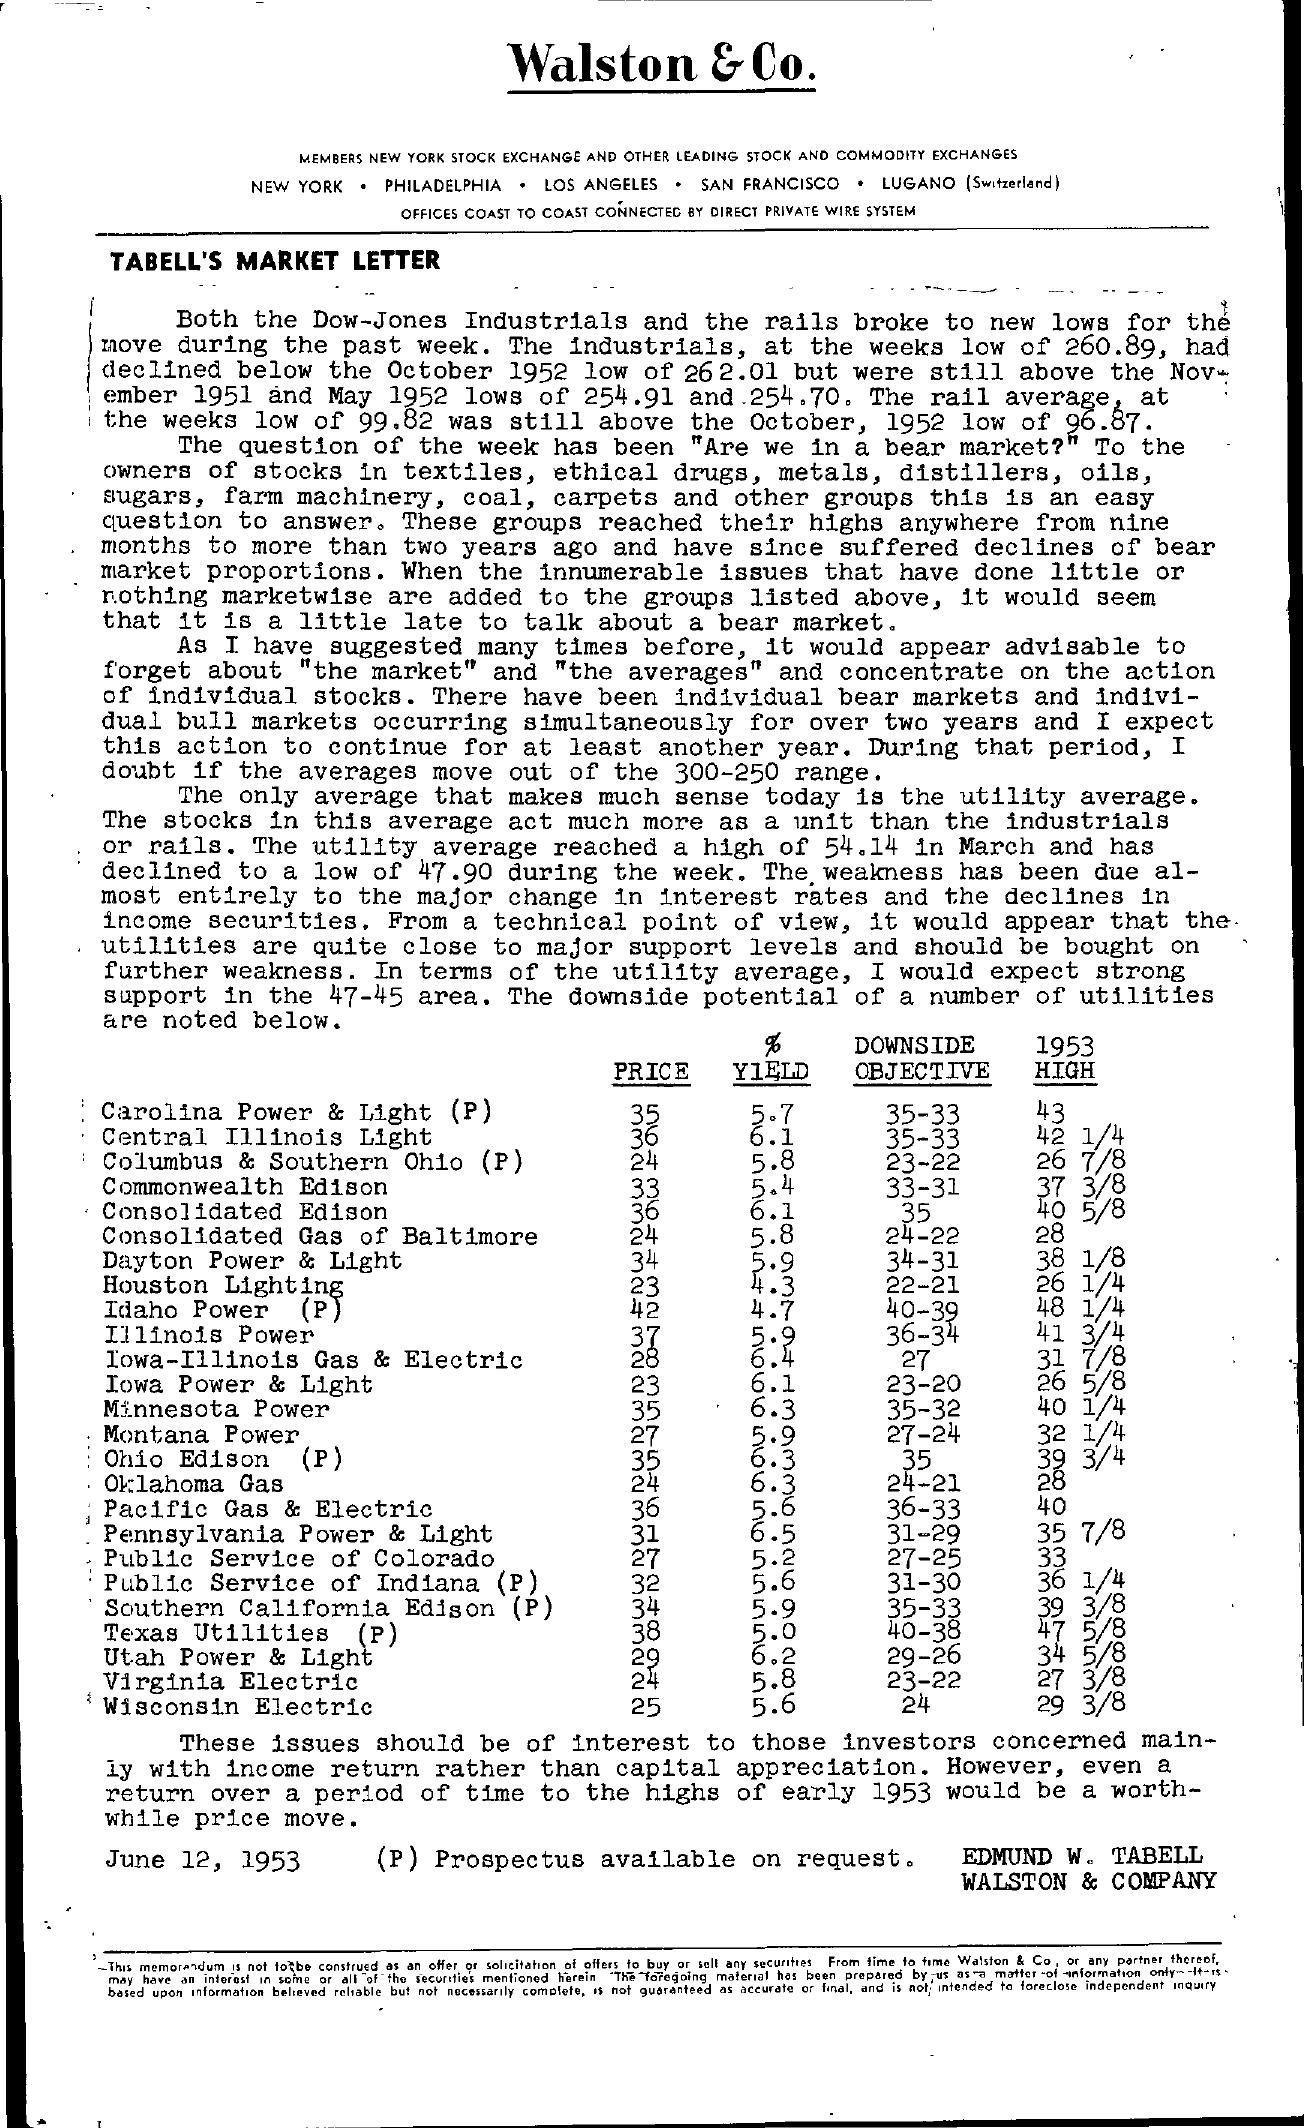 Tabell's Market Letter - June 12, 1953